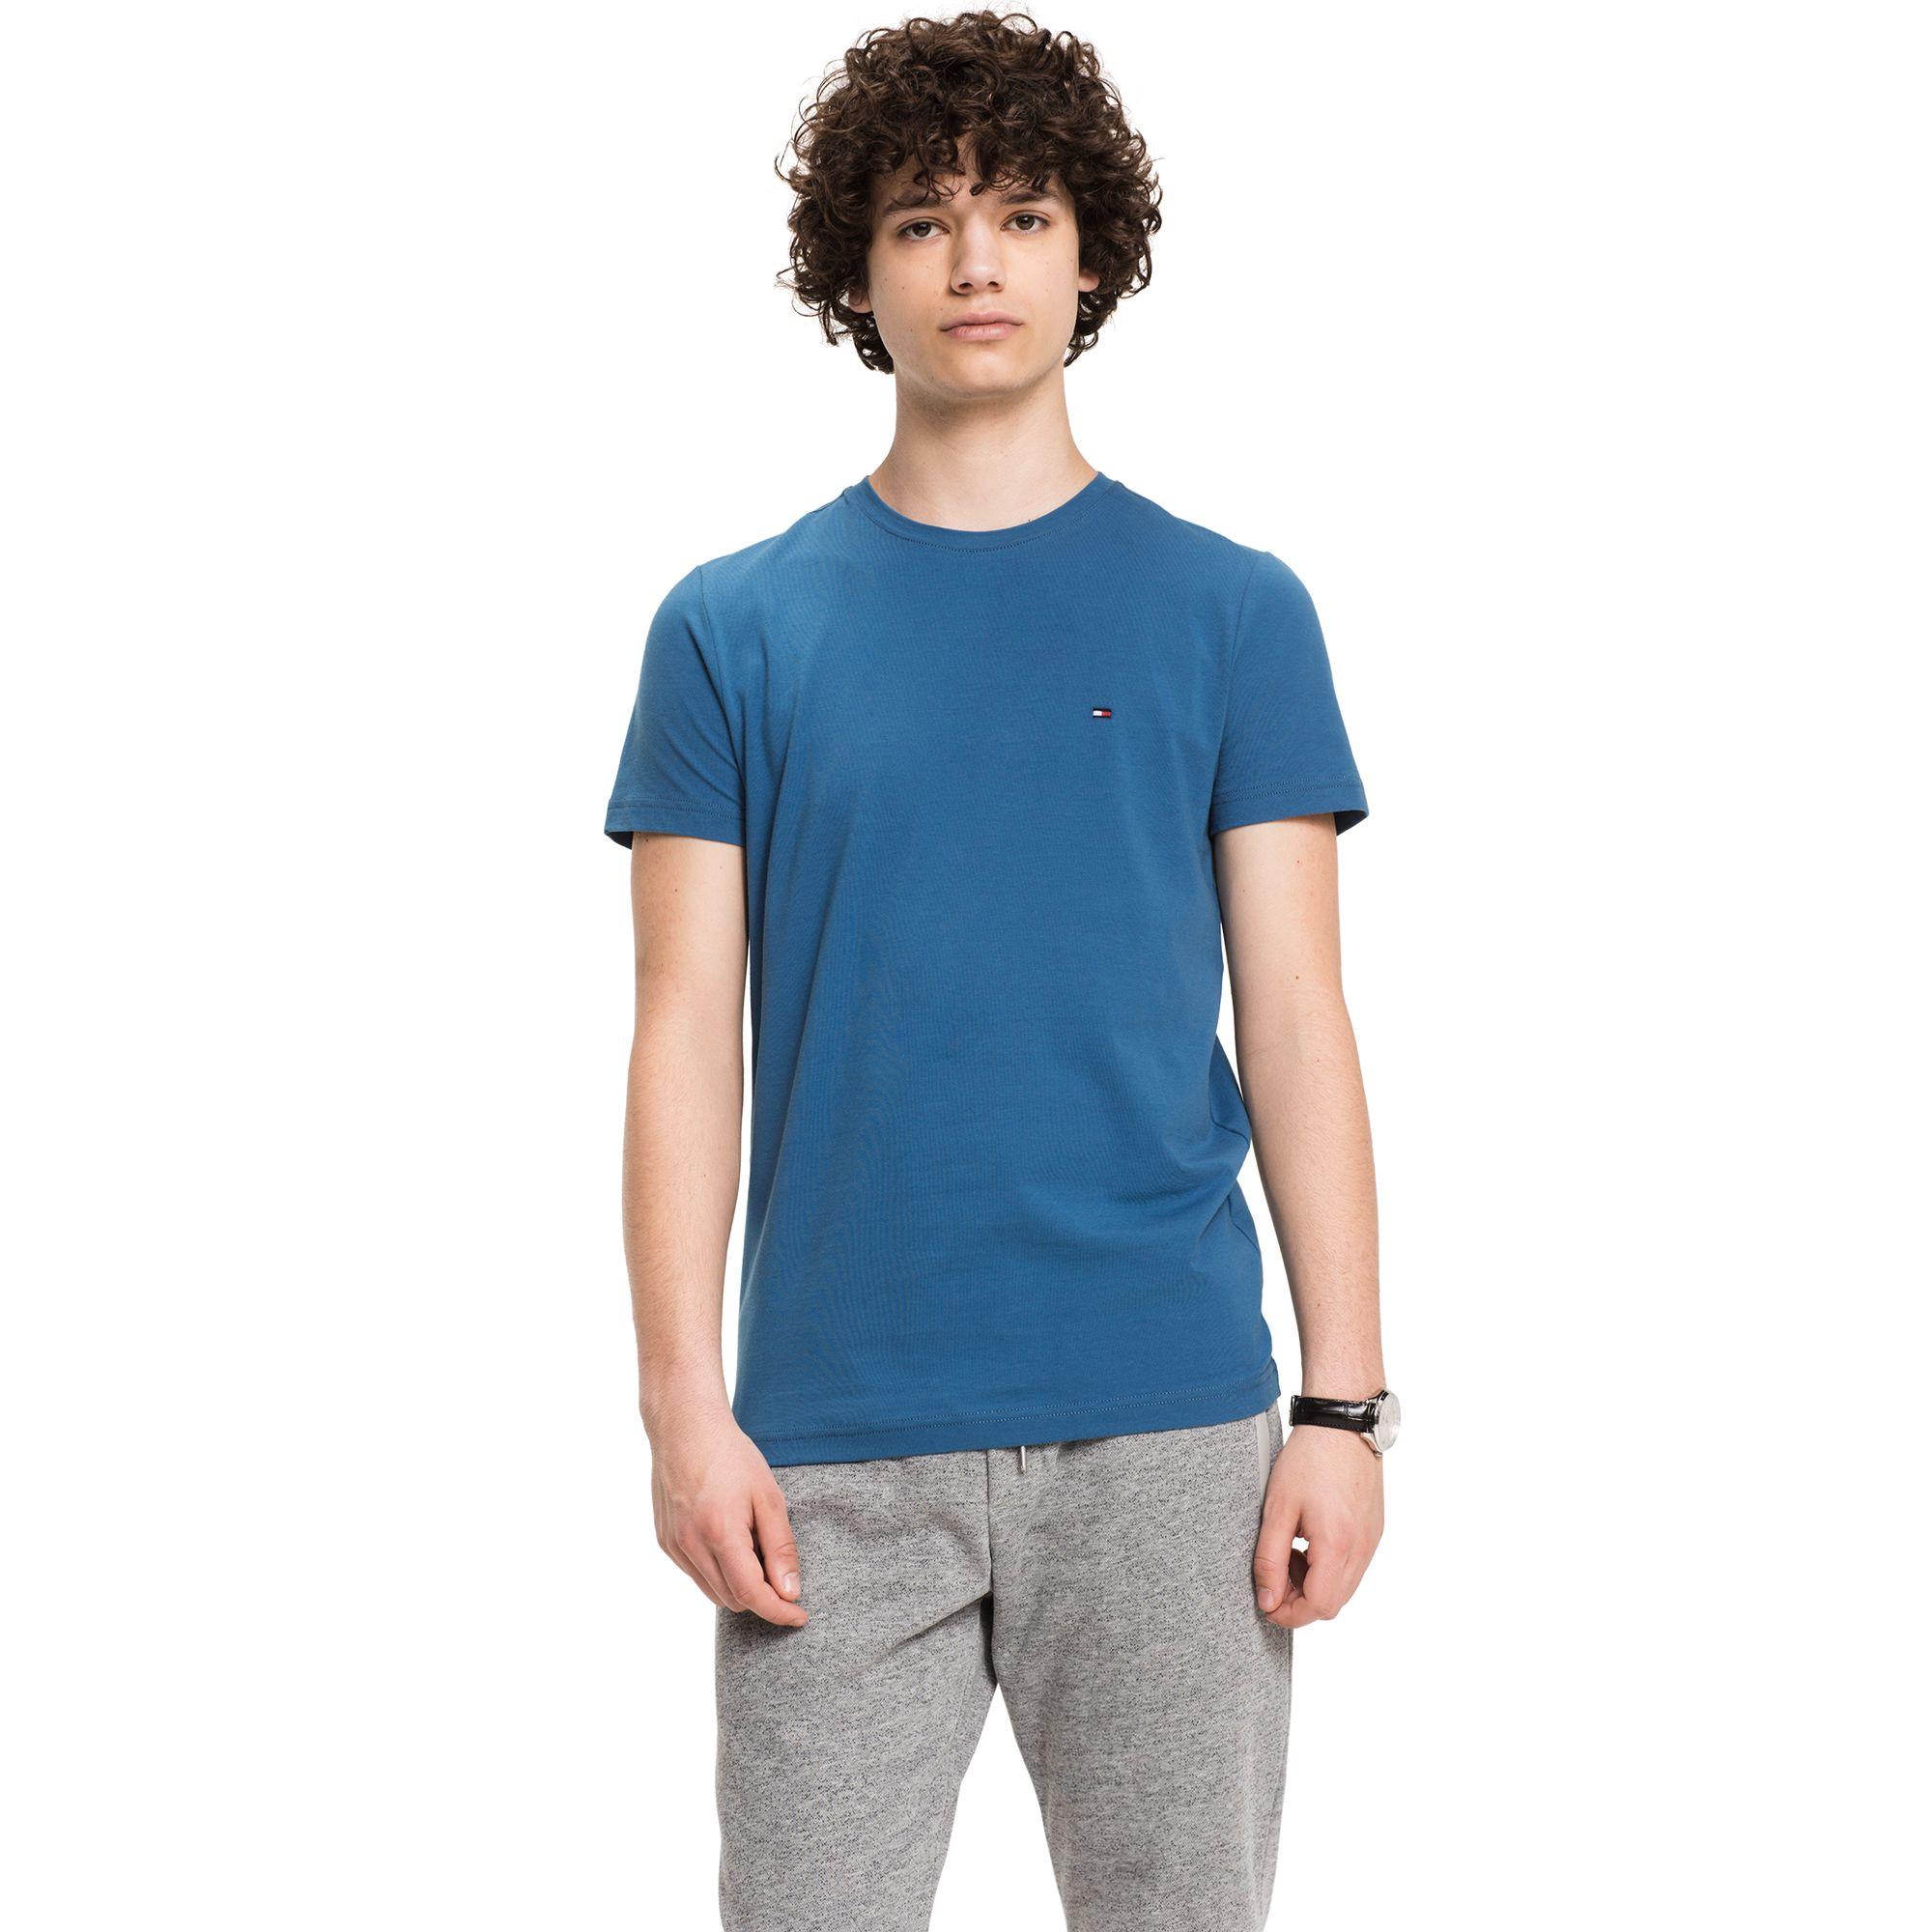 9822119e5f49 TOMMY HILFIGER SLIM FIT STRETCH TEE - DARK BLUE.  tommyhilfiger  cloth